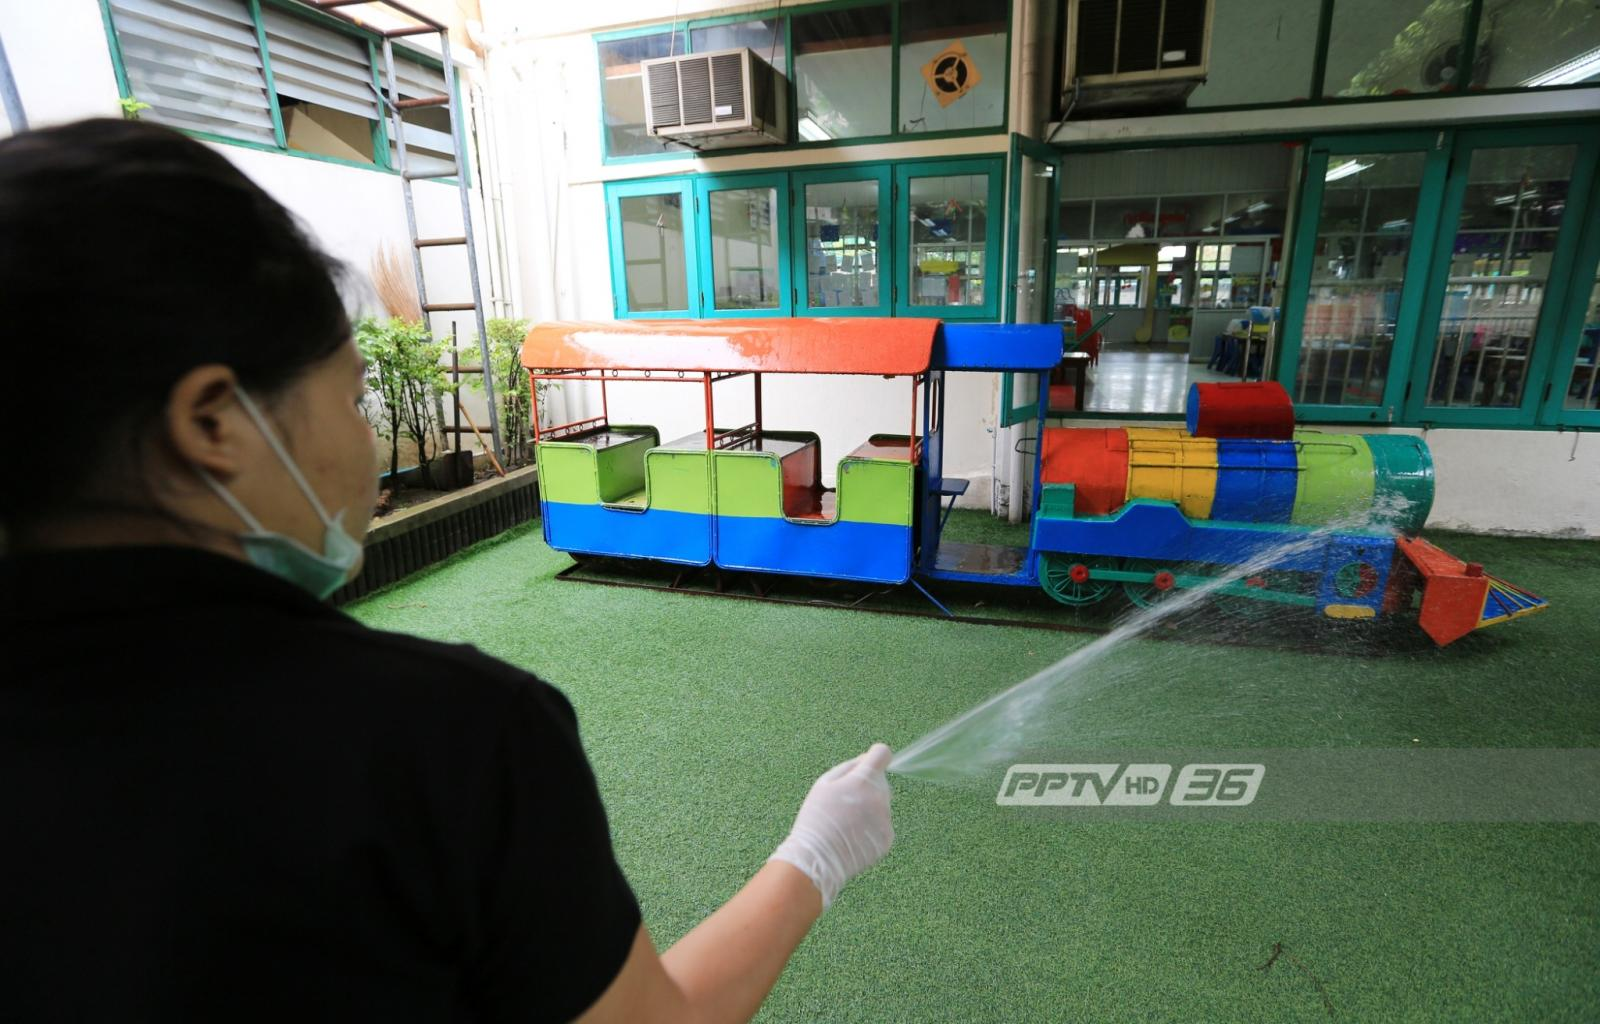 โรงเรียนไผทอุดมศึกษา ปิดทำความสะอาดหลังไข้หวัดใหญ่ระบาด